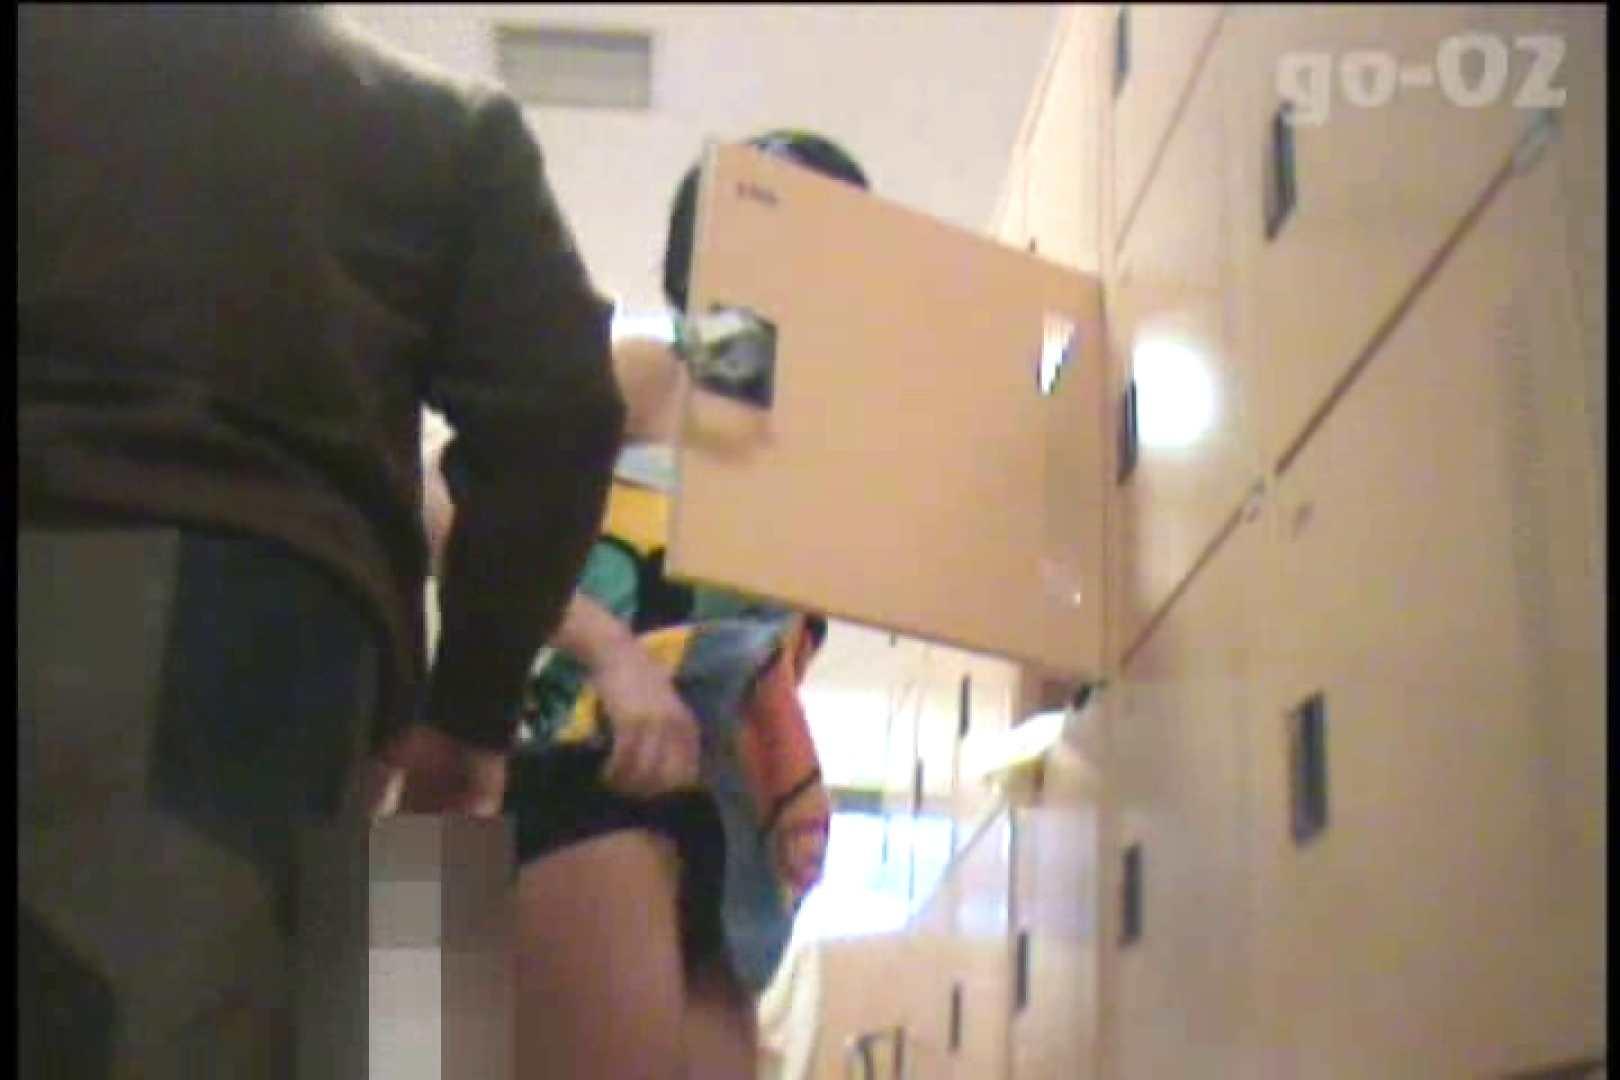 電波カメラ設置浴場からの防HAN映像 Vol.02 OLの実態 | 盗撮  105pic 52